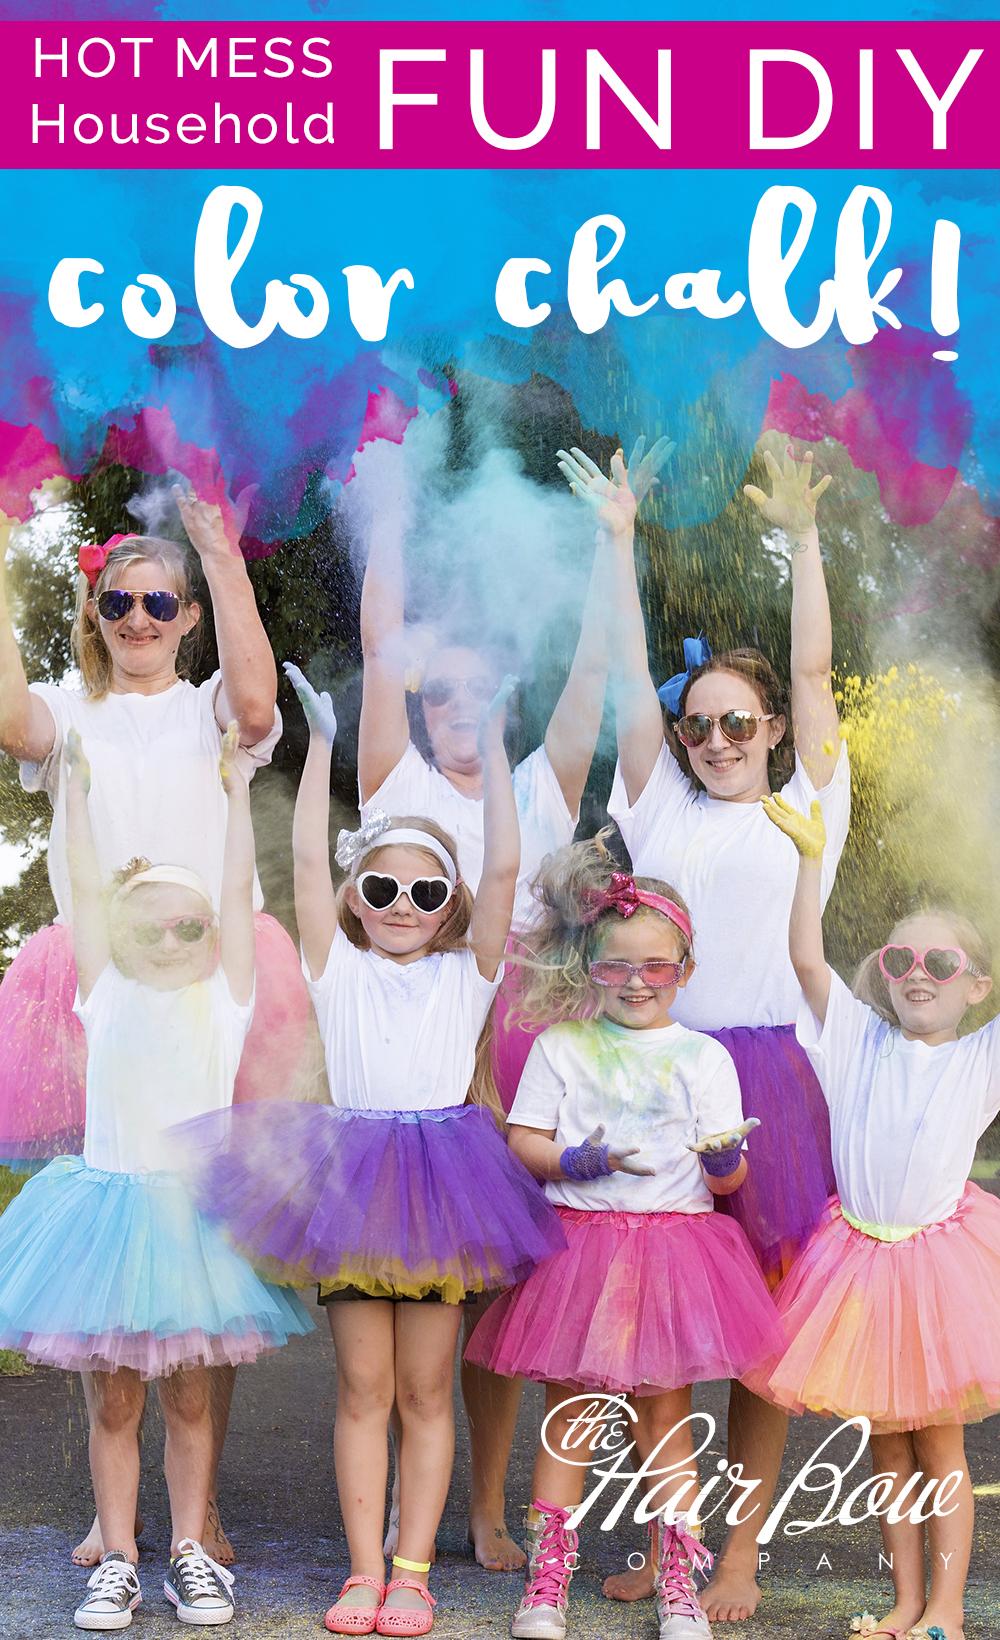 DIY Color Chalk Photo Basics   How To Avoid My Mistakes!   The Hair Bow  Company